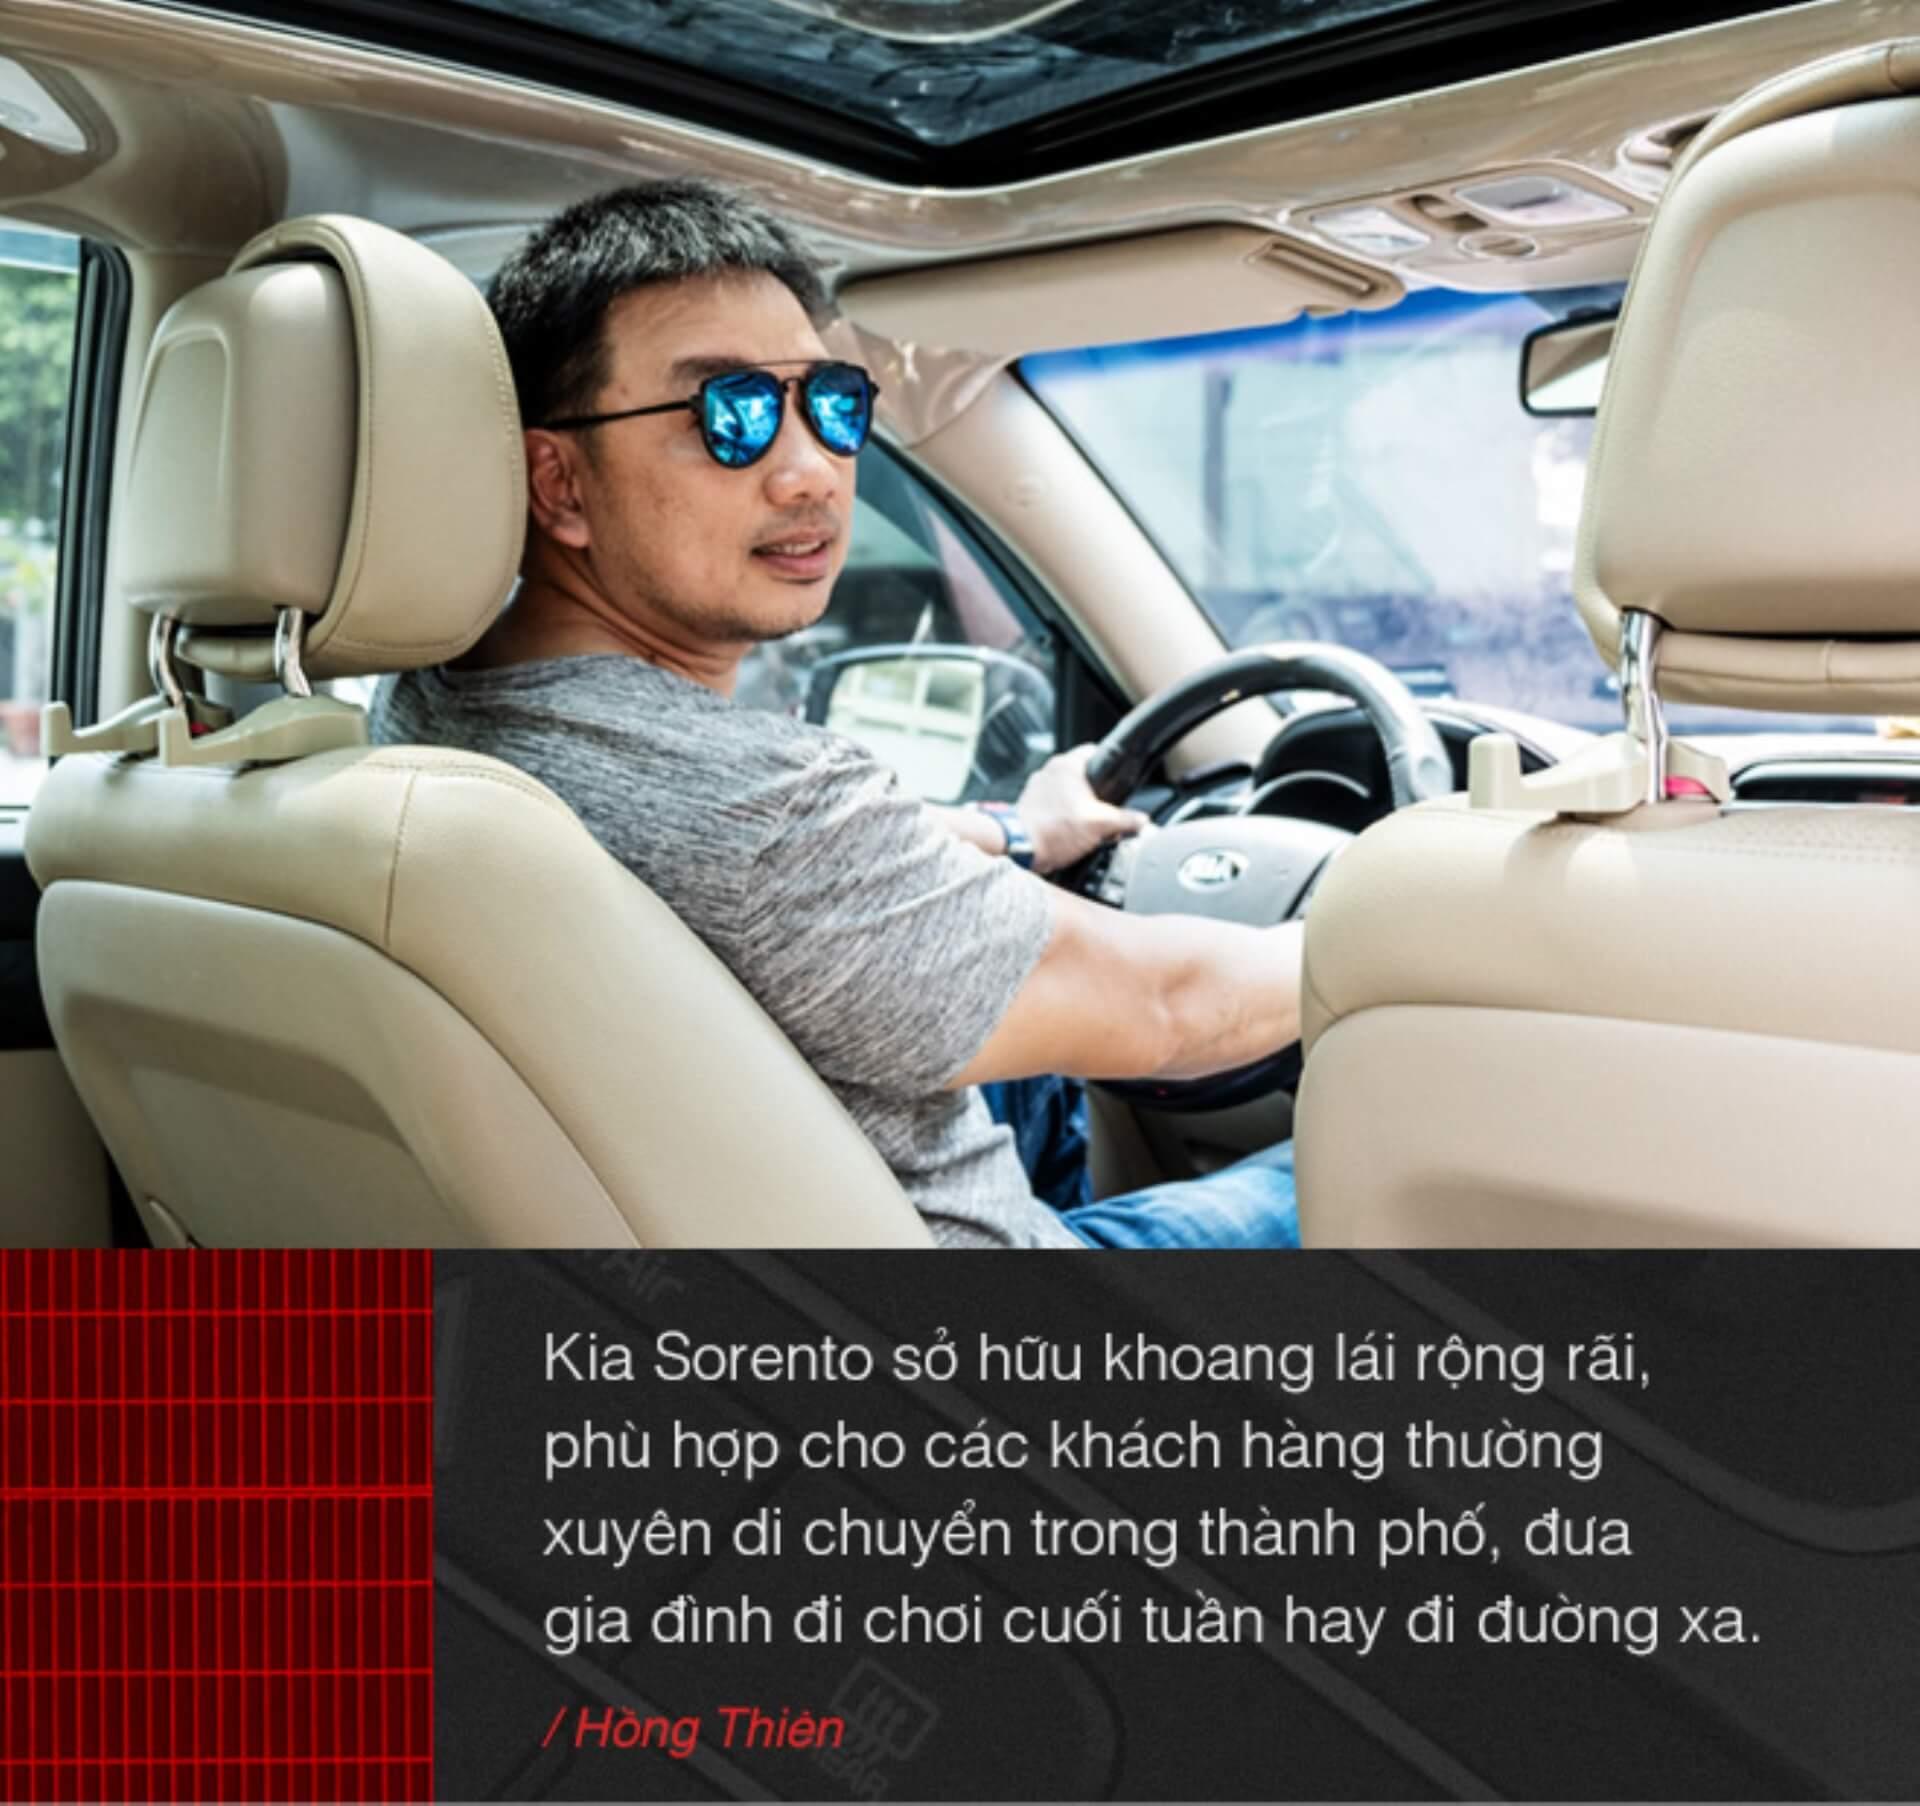 Kia Sorento - Xe Hàn Bền Bỉ & Giữ Giá